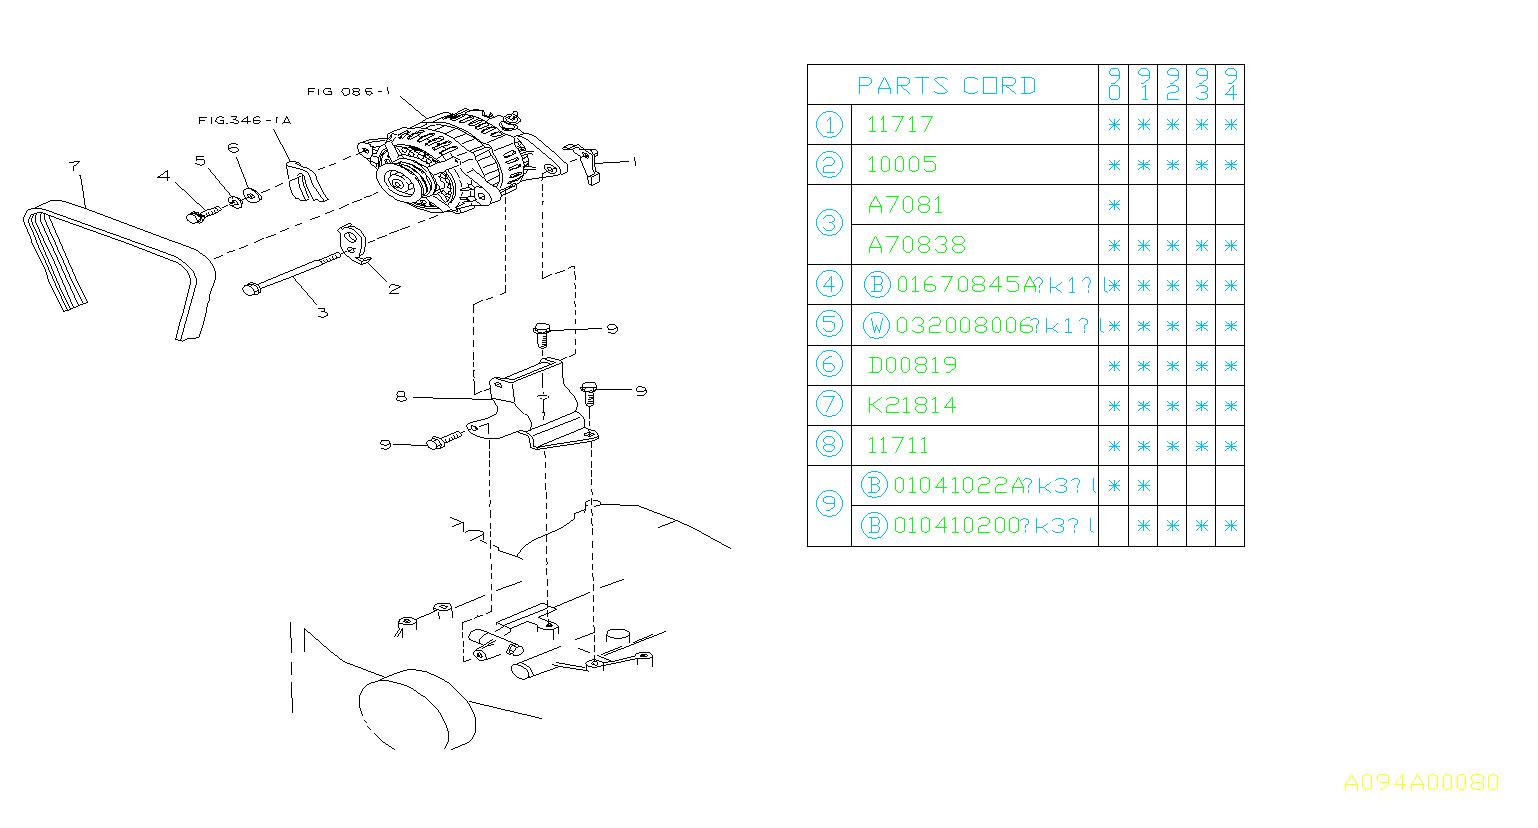 800708380 - Alternator Bolt  System  Bracket  Exc